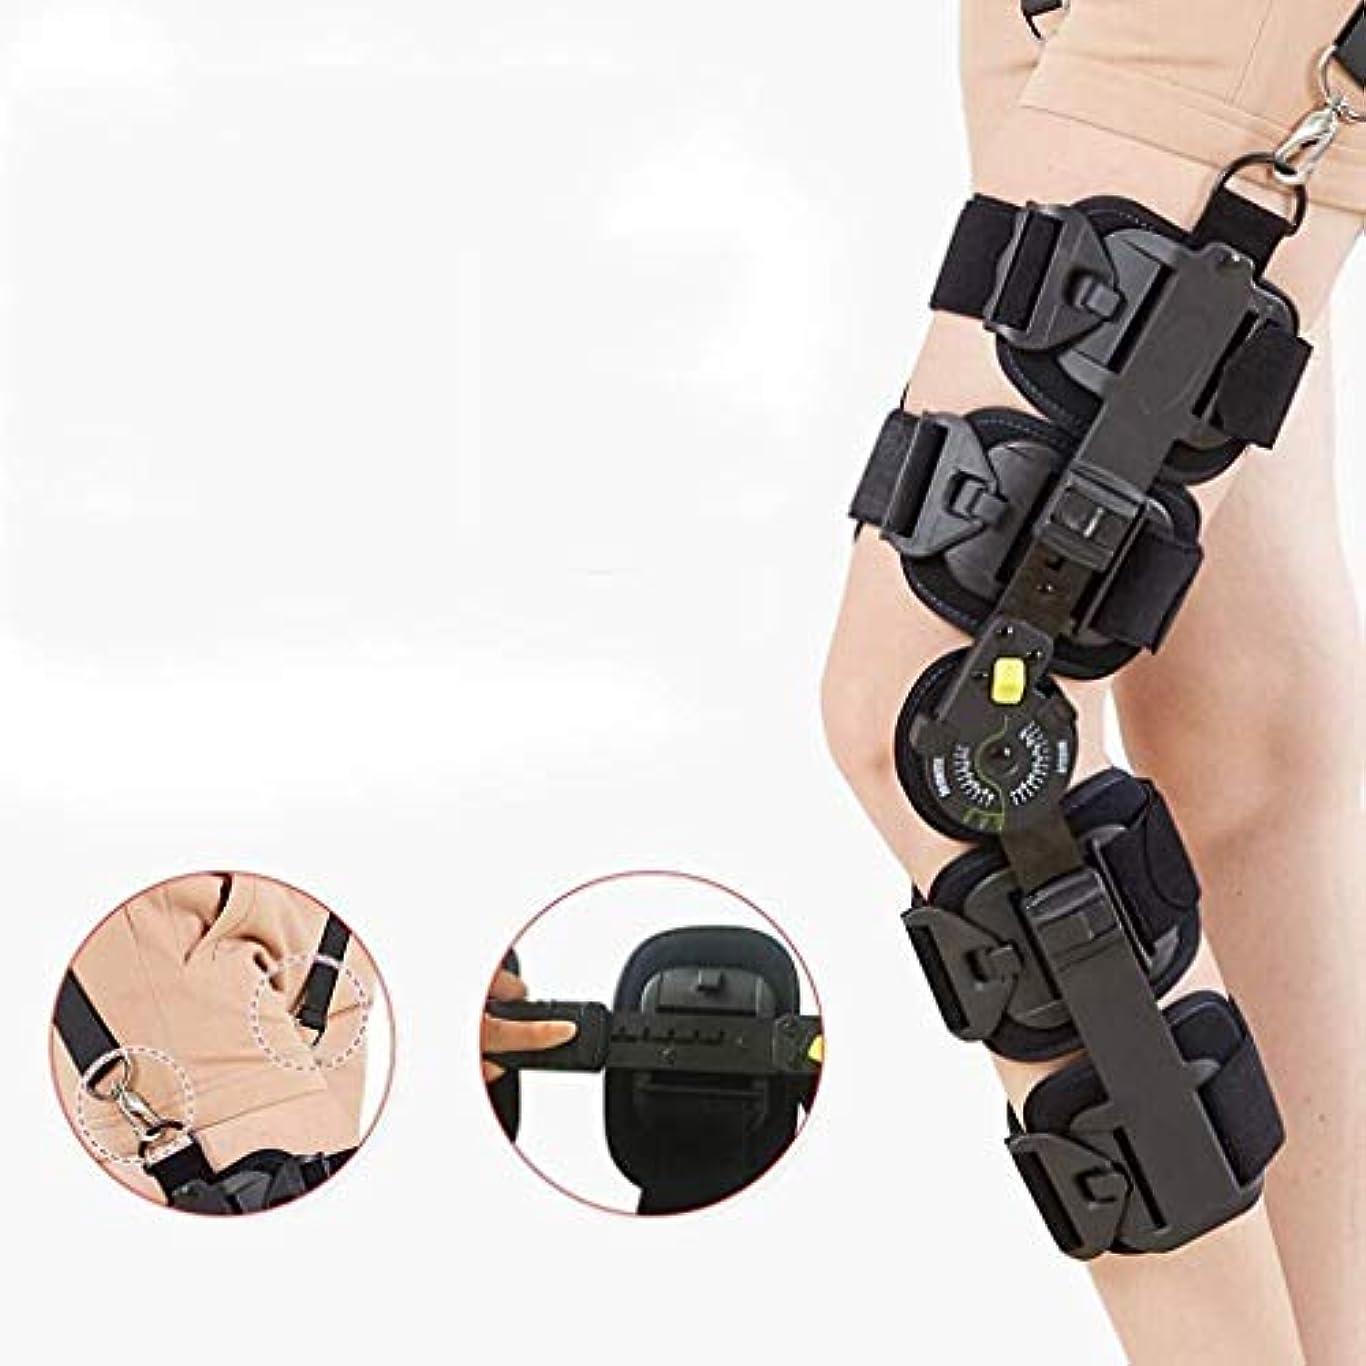 アライアンス航空機心配ヒンジ付き膝装具-腫れたACL、腱、靭帯、および半月板の損傷に対する調節可能なオープン膝蓋骨サポート-ランニング、レスリング、関節炎の関節の運動圧縮ラップ